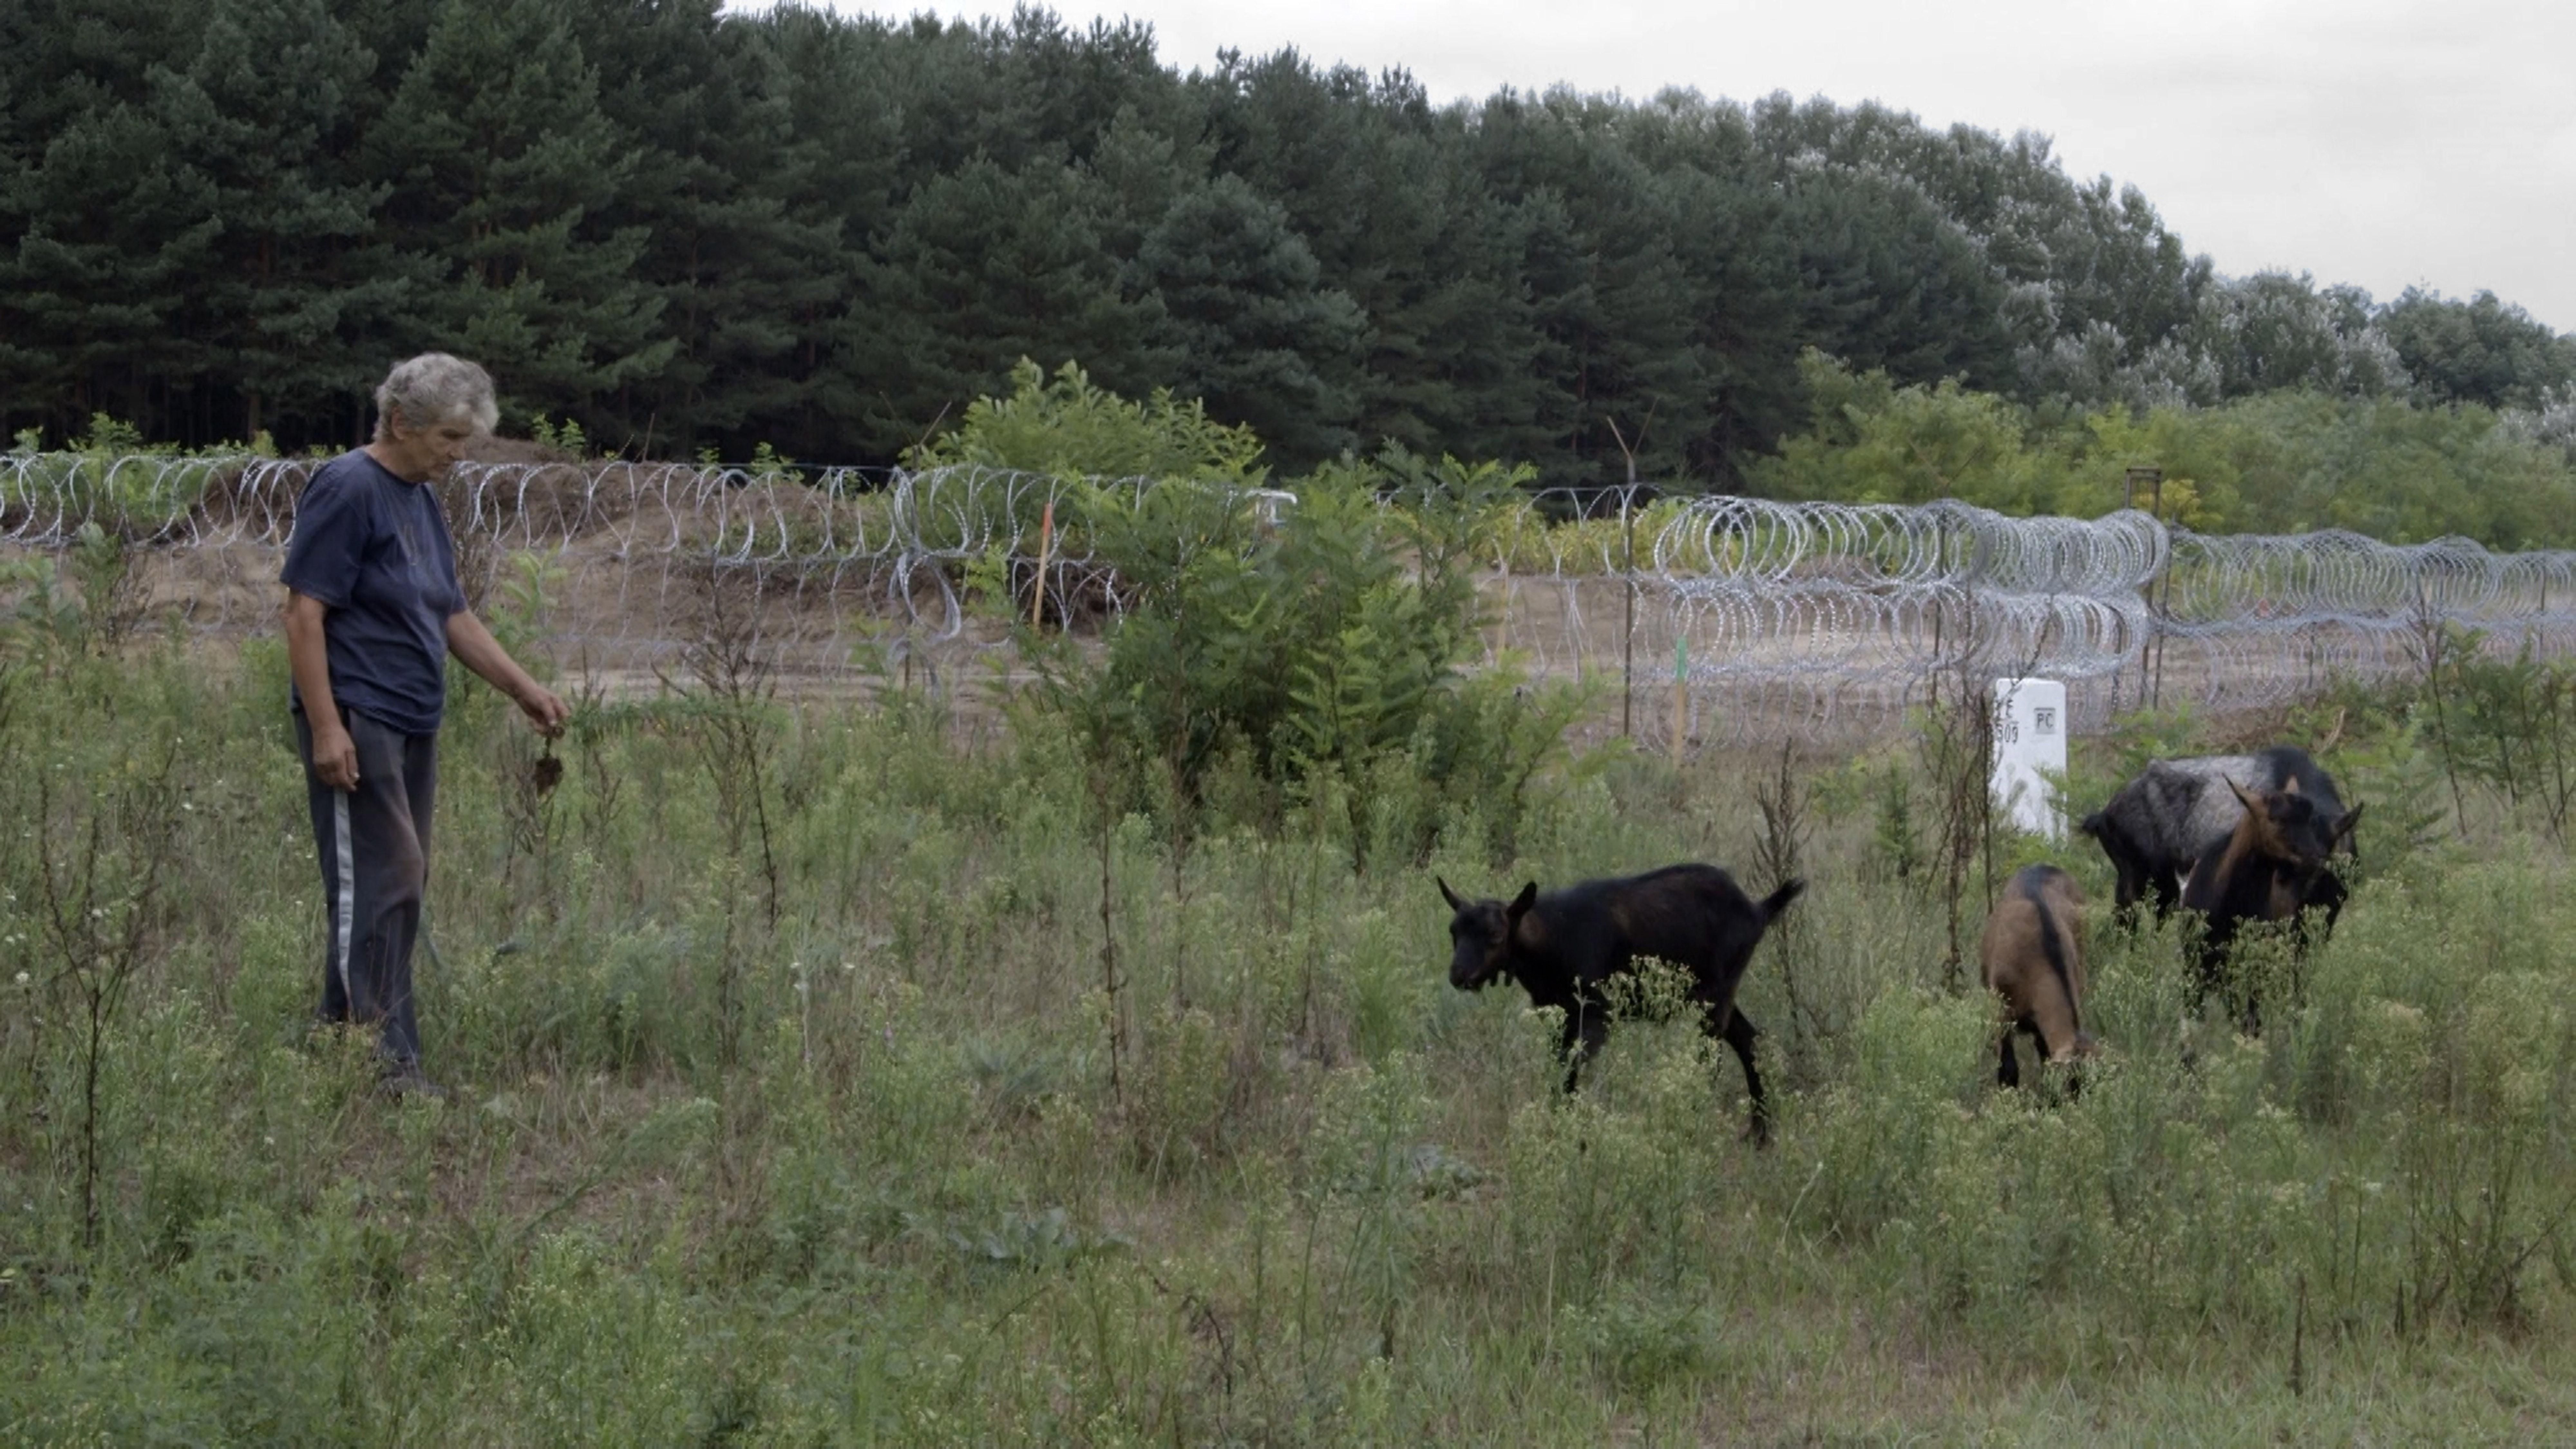 Kerítés – Fence